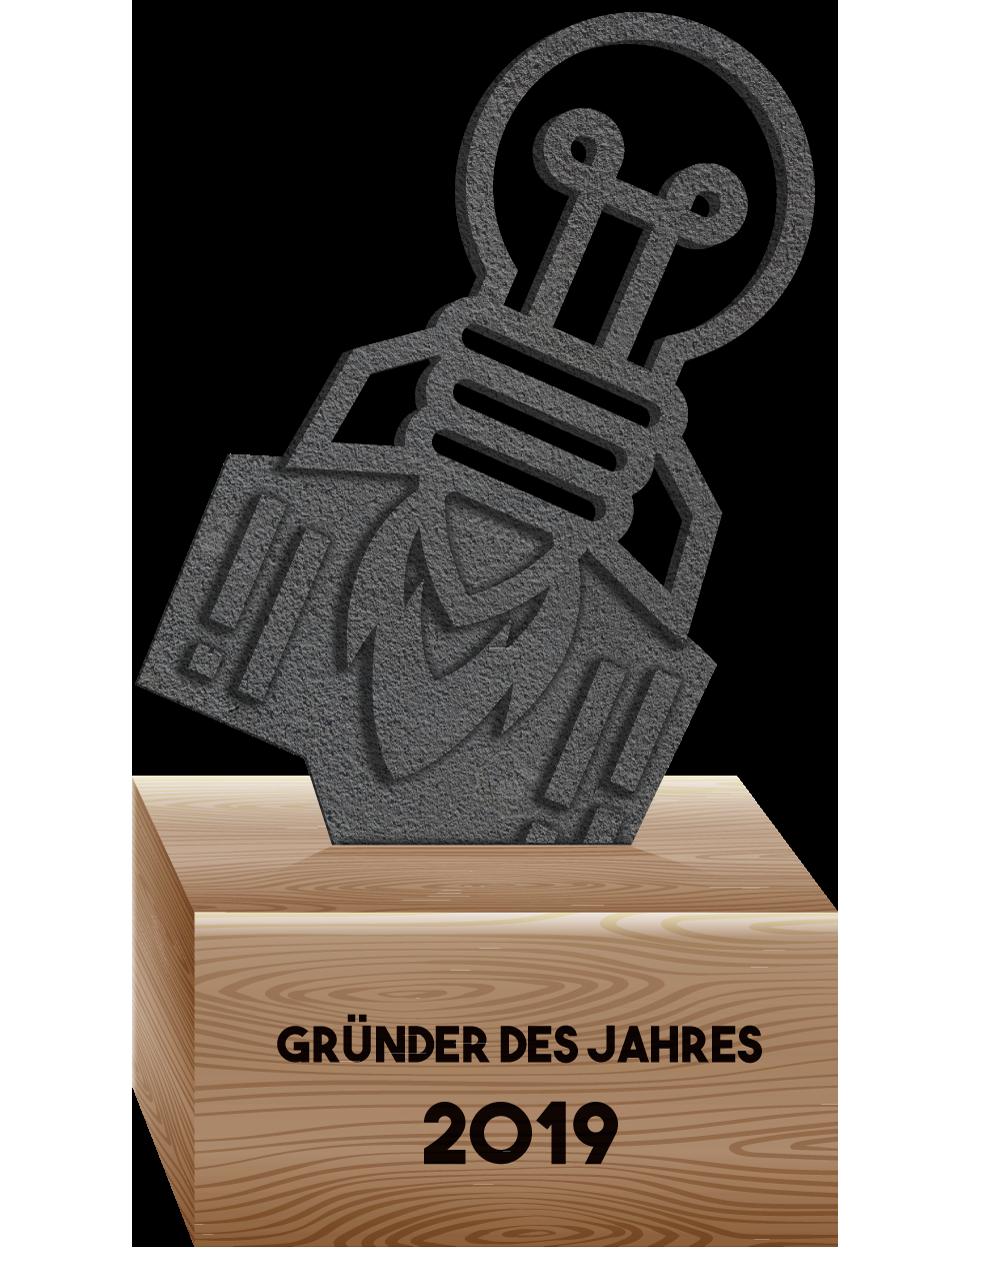 Award: Gründer des Jahres 2019